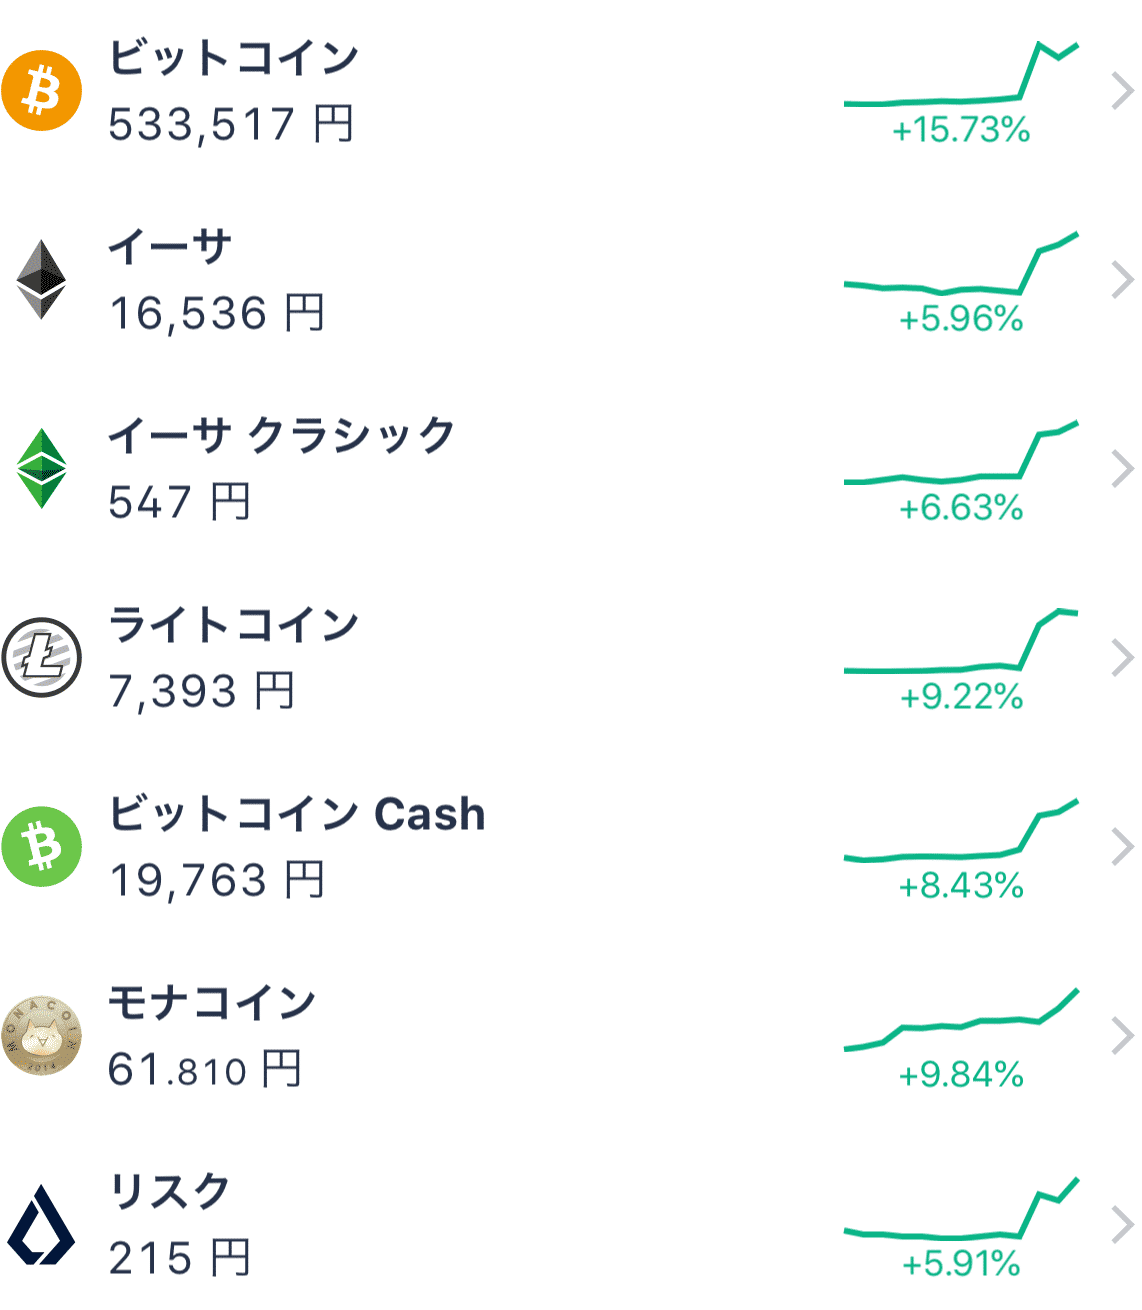 仮想通貨運用結果